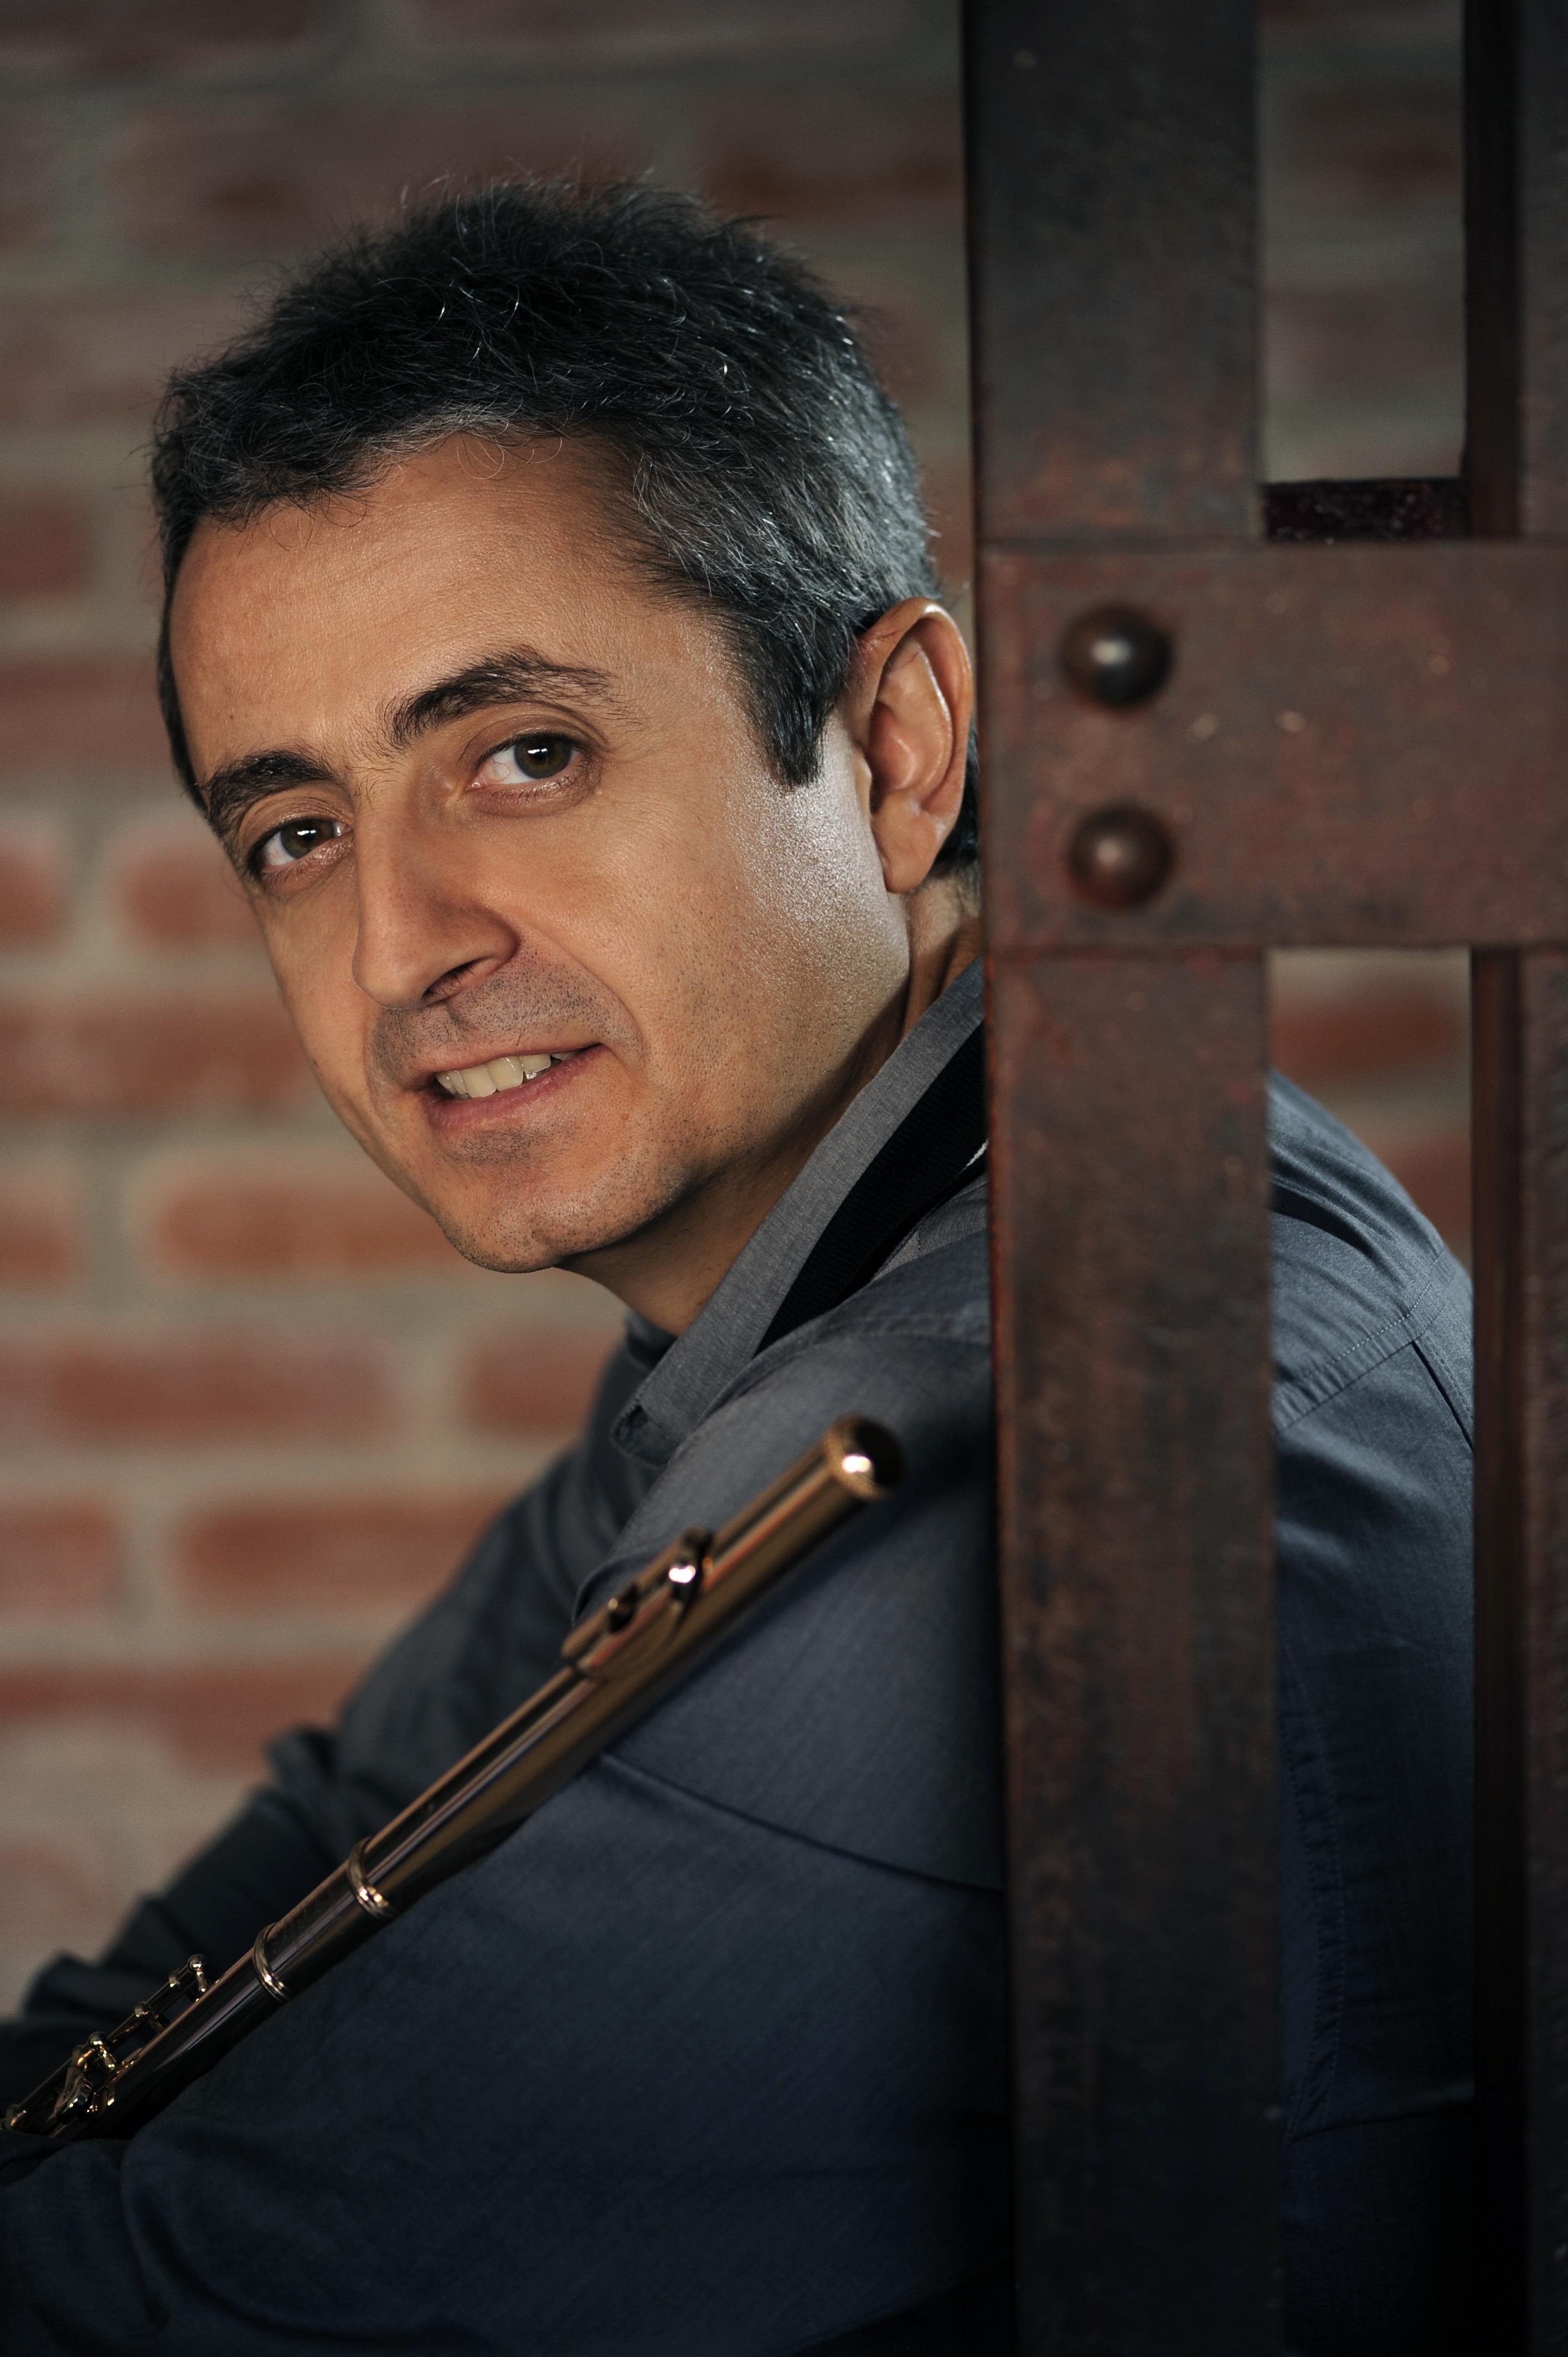 Michel moragu s clarisse de monredon - Concours international de musique de chambre de lyon ...